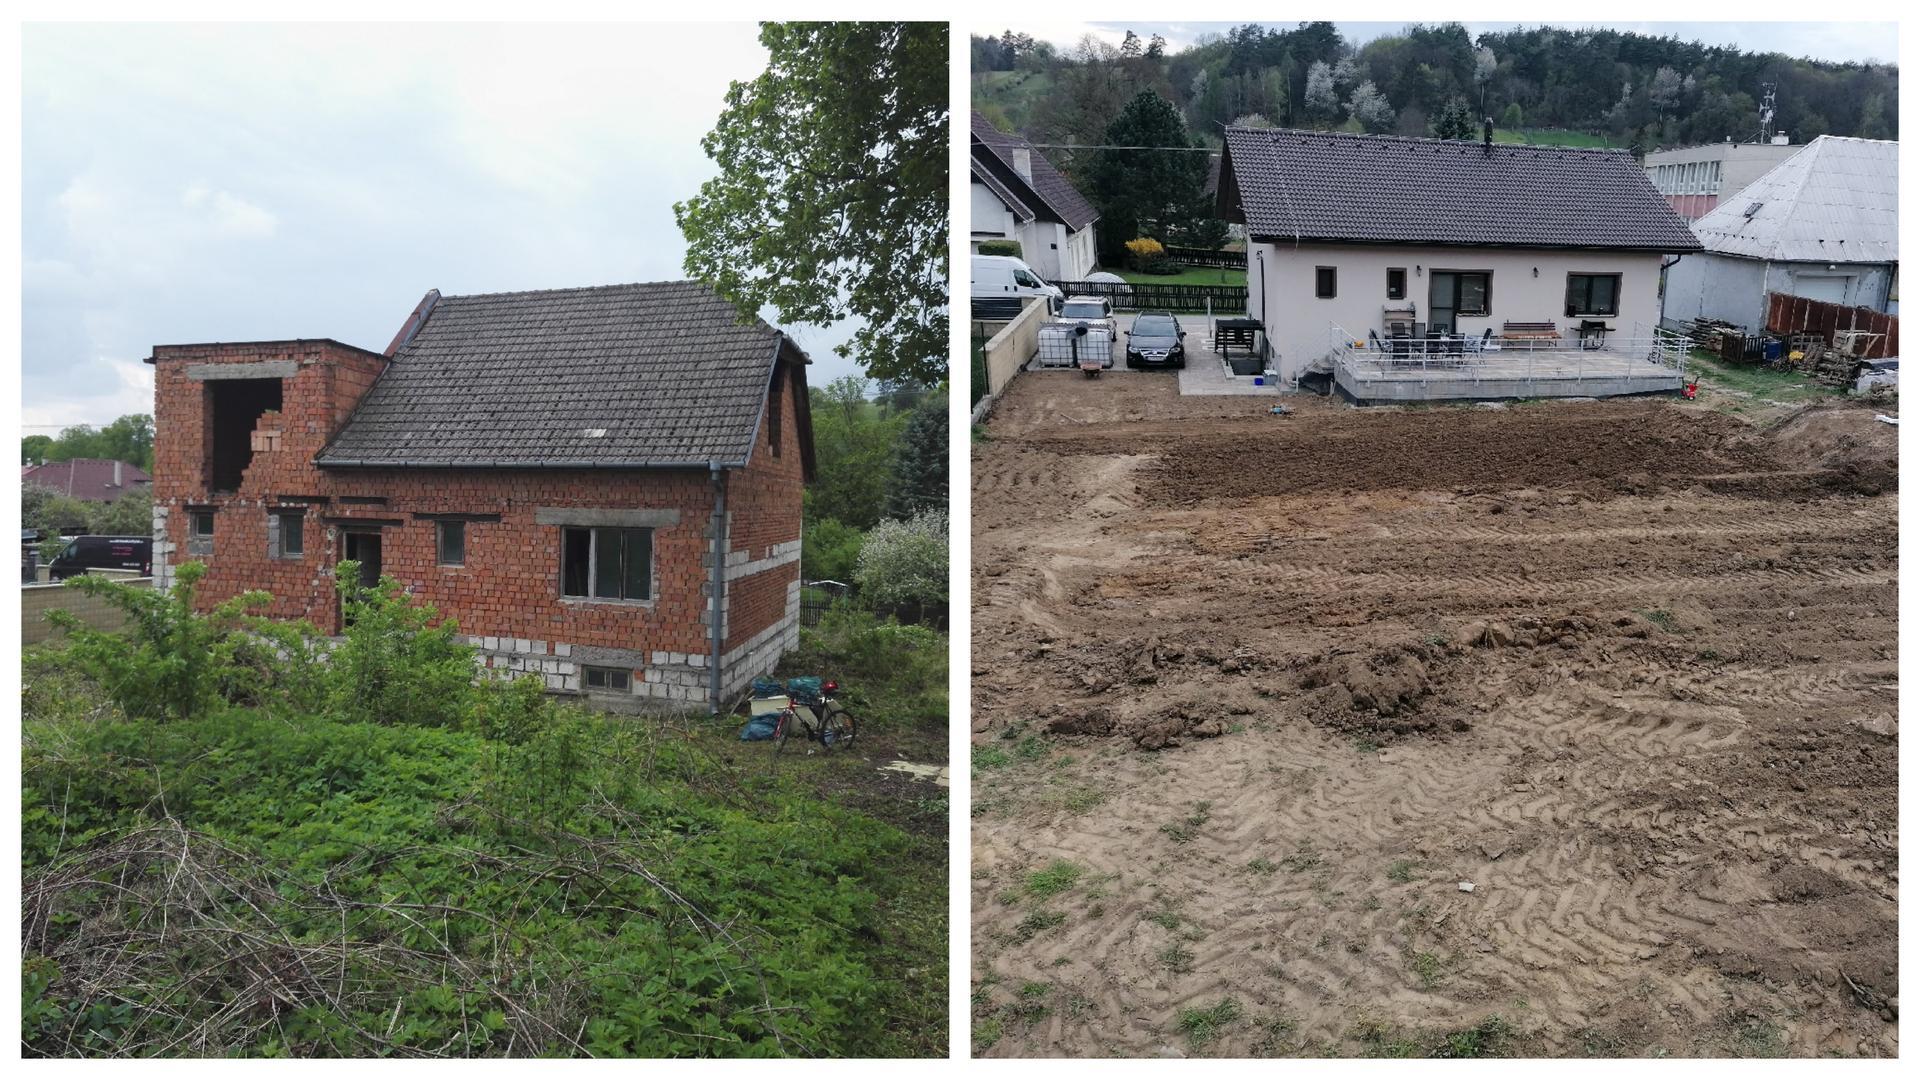 Rekonštrukcia veľmi starej stavby :) - 4 roky, väčšinou svojpomocne, a stále mi príde šialené, čo všetko ešte... :)